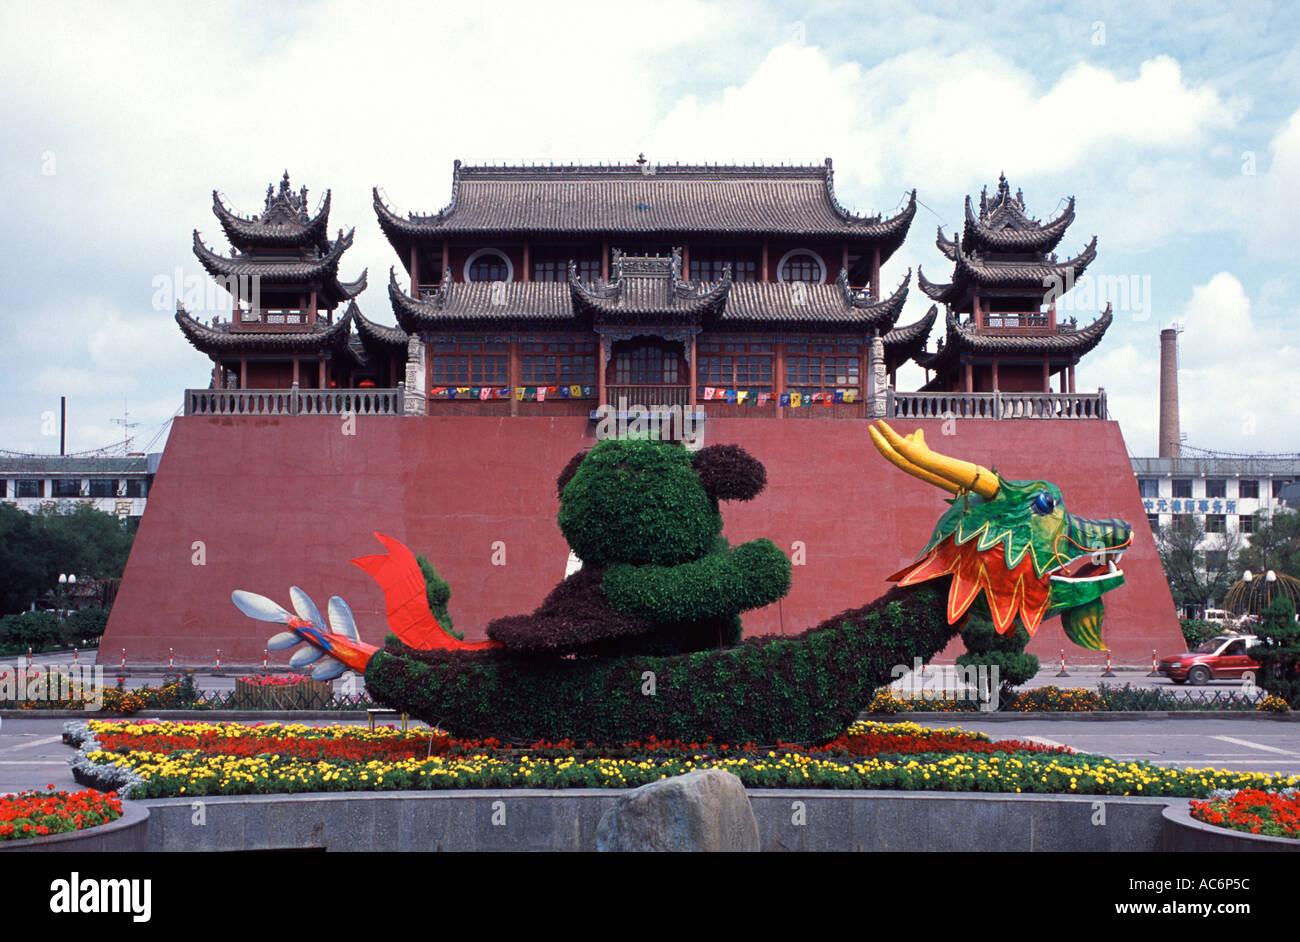 Vue de la Tour du Tambour à Xinjiekou Chengkai Jie à Yinchuan ville capitale de la région autonome du Ningxia Hui, Chine Banque D'Images